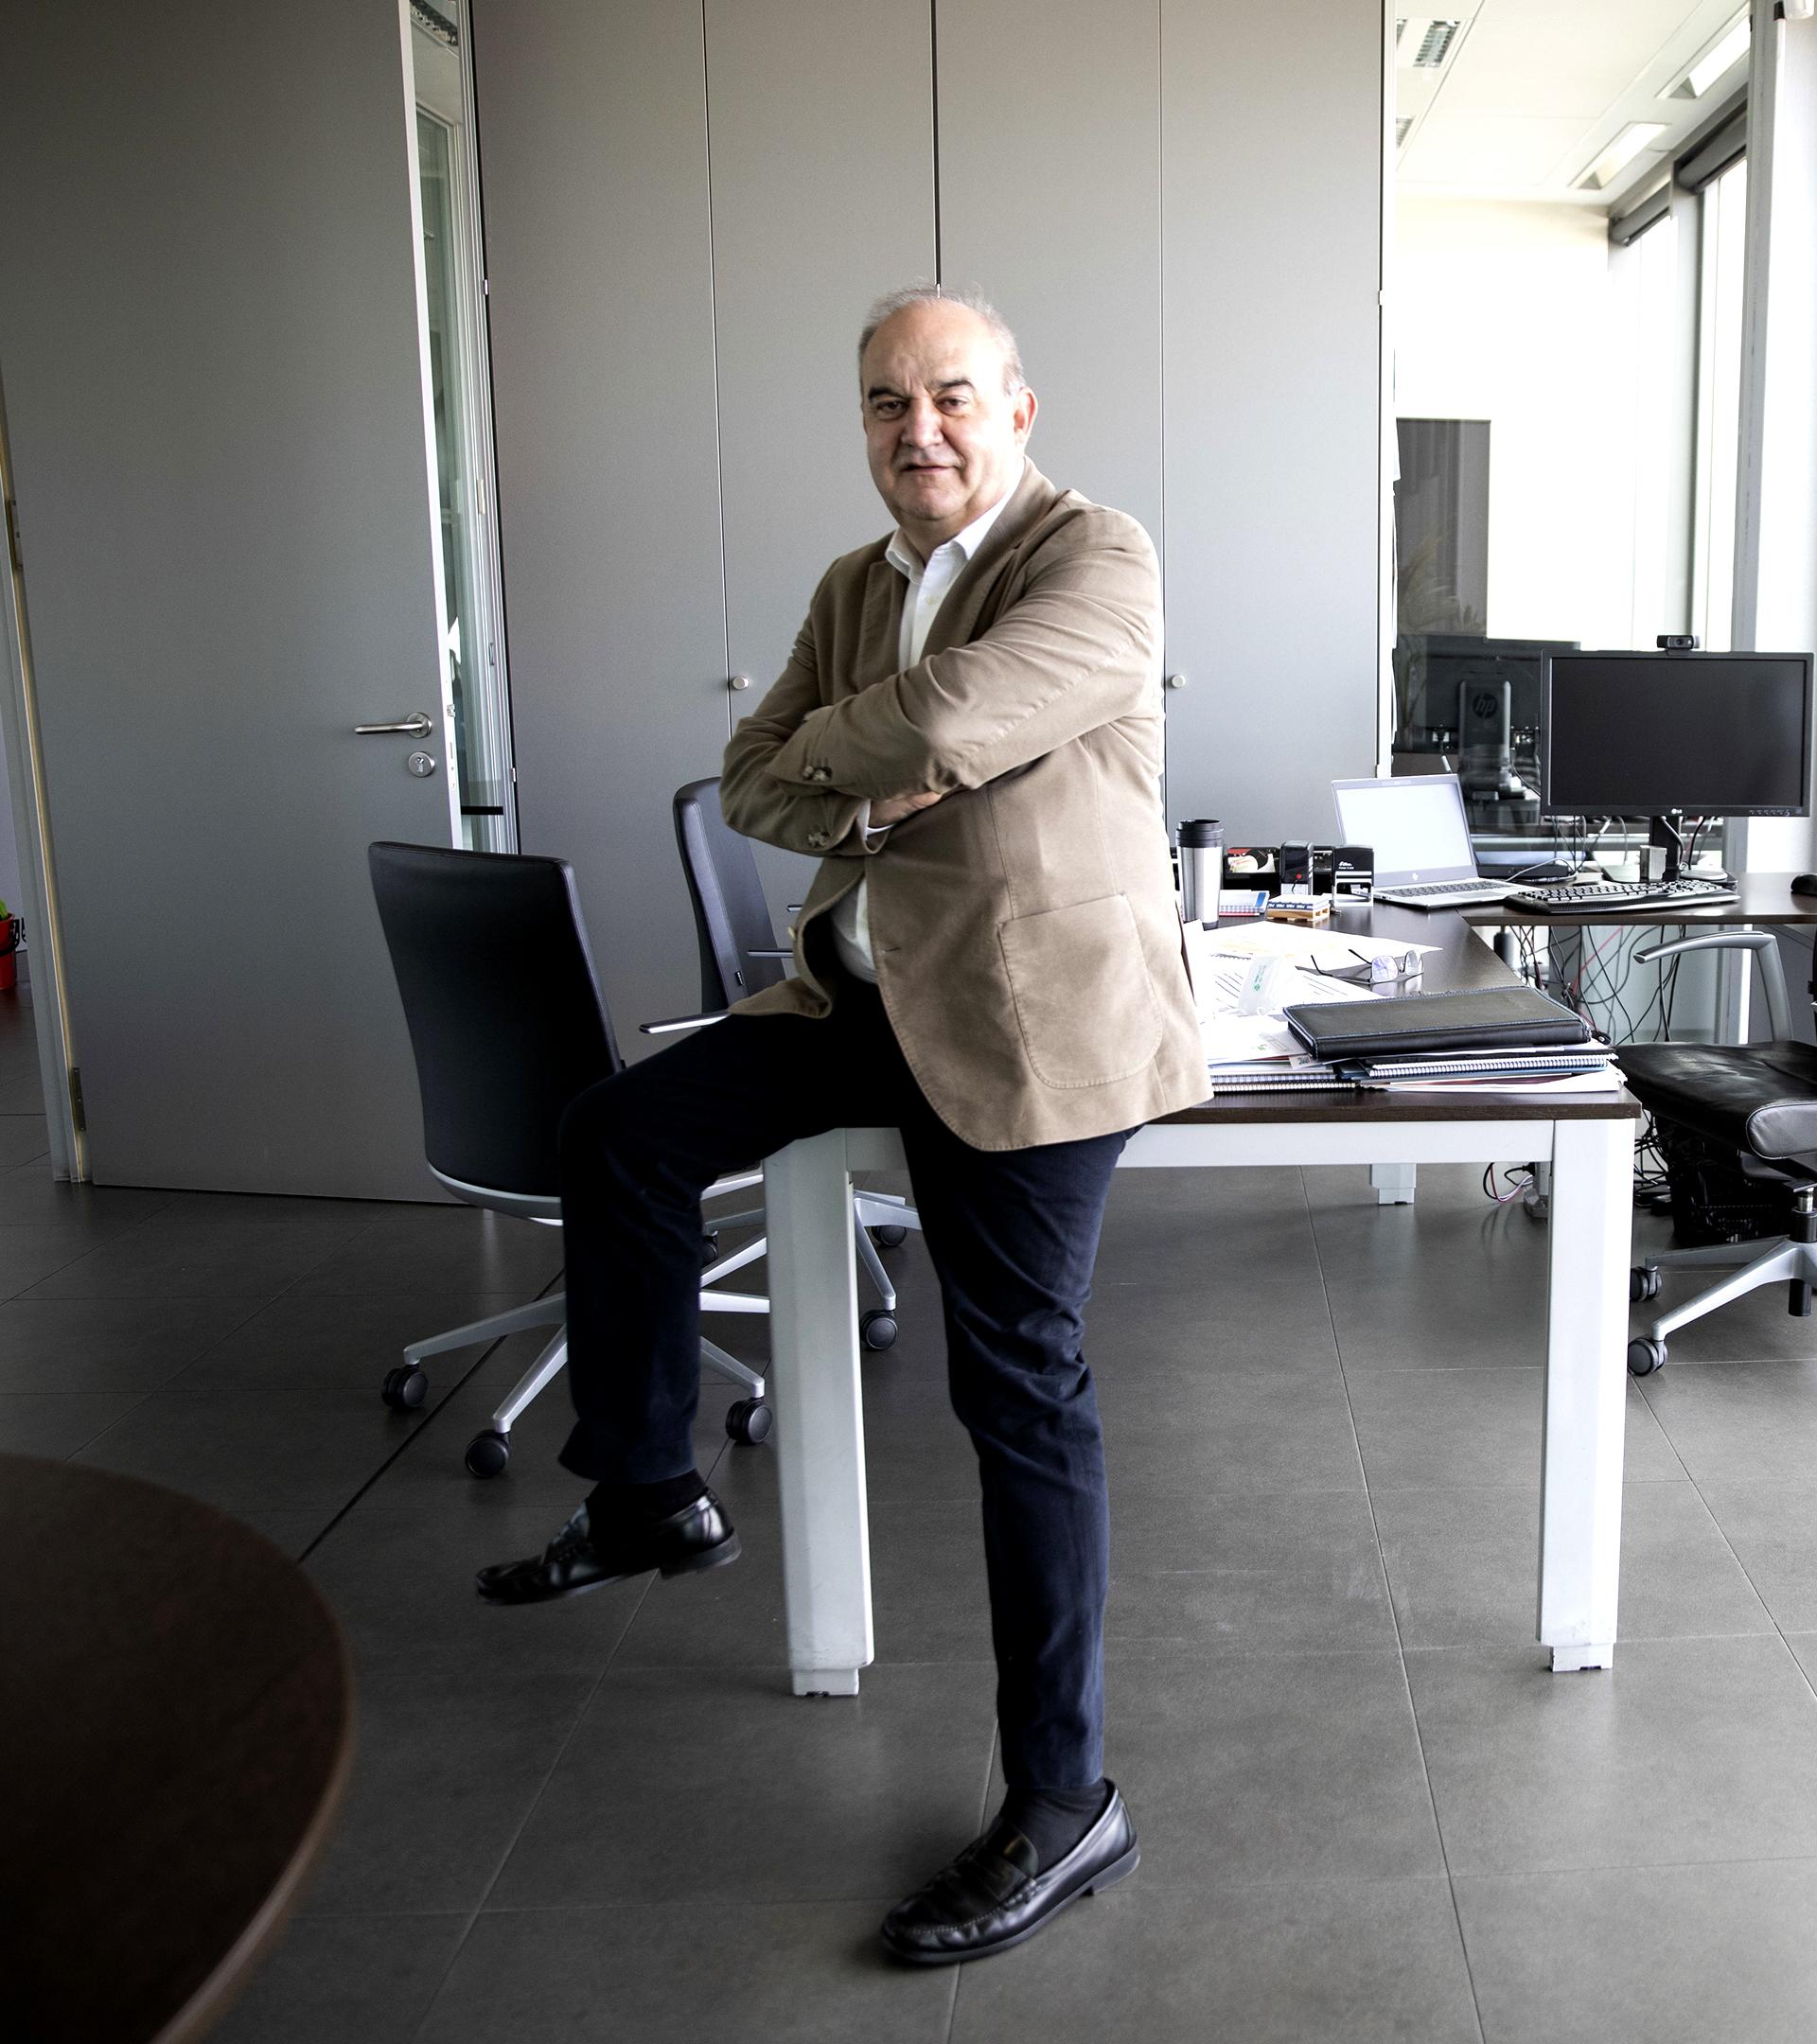 Andrés Hernando, CEO y fundador de Hiperbaric, el emperador de  las altas  presiones